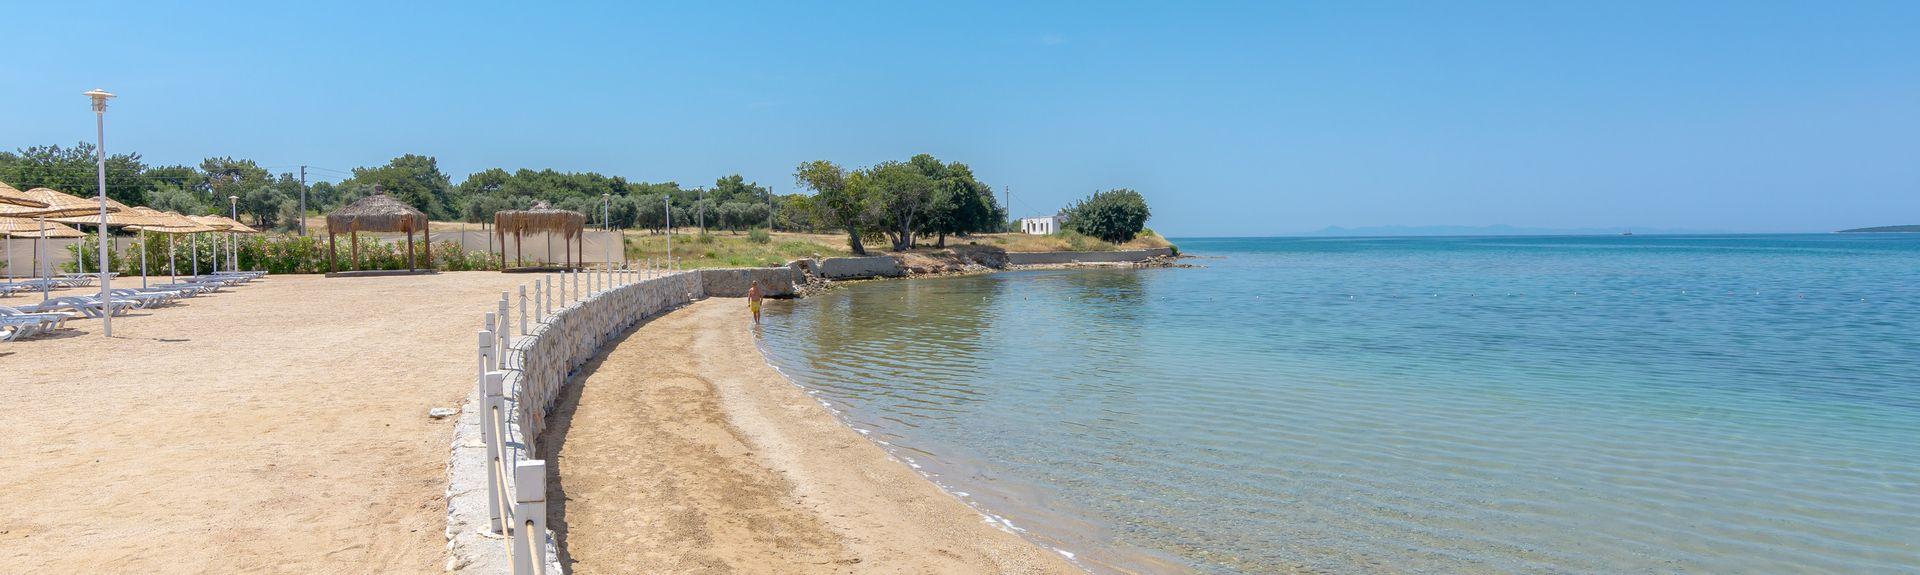 Altinkum Beach, Didim, Turkey